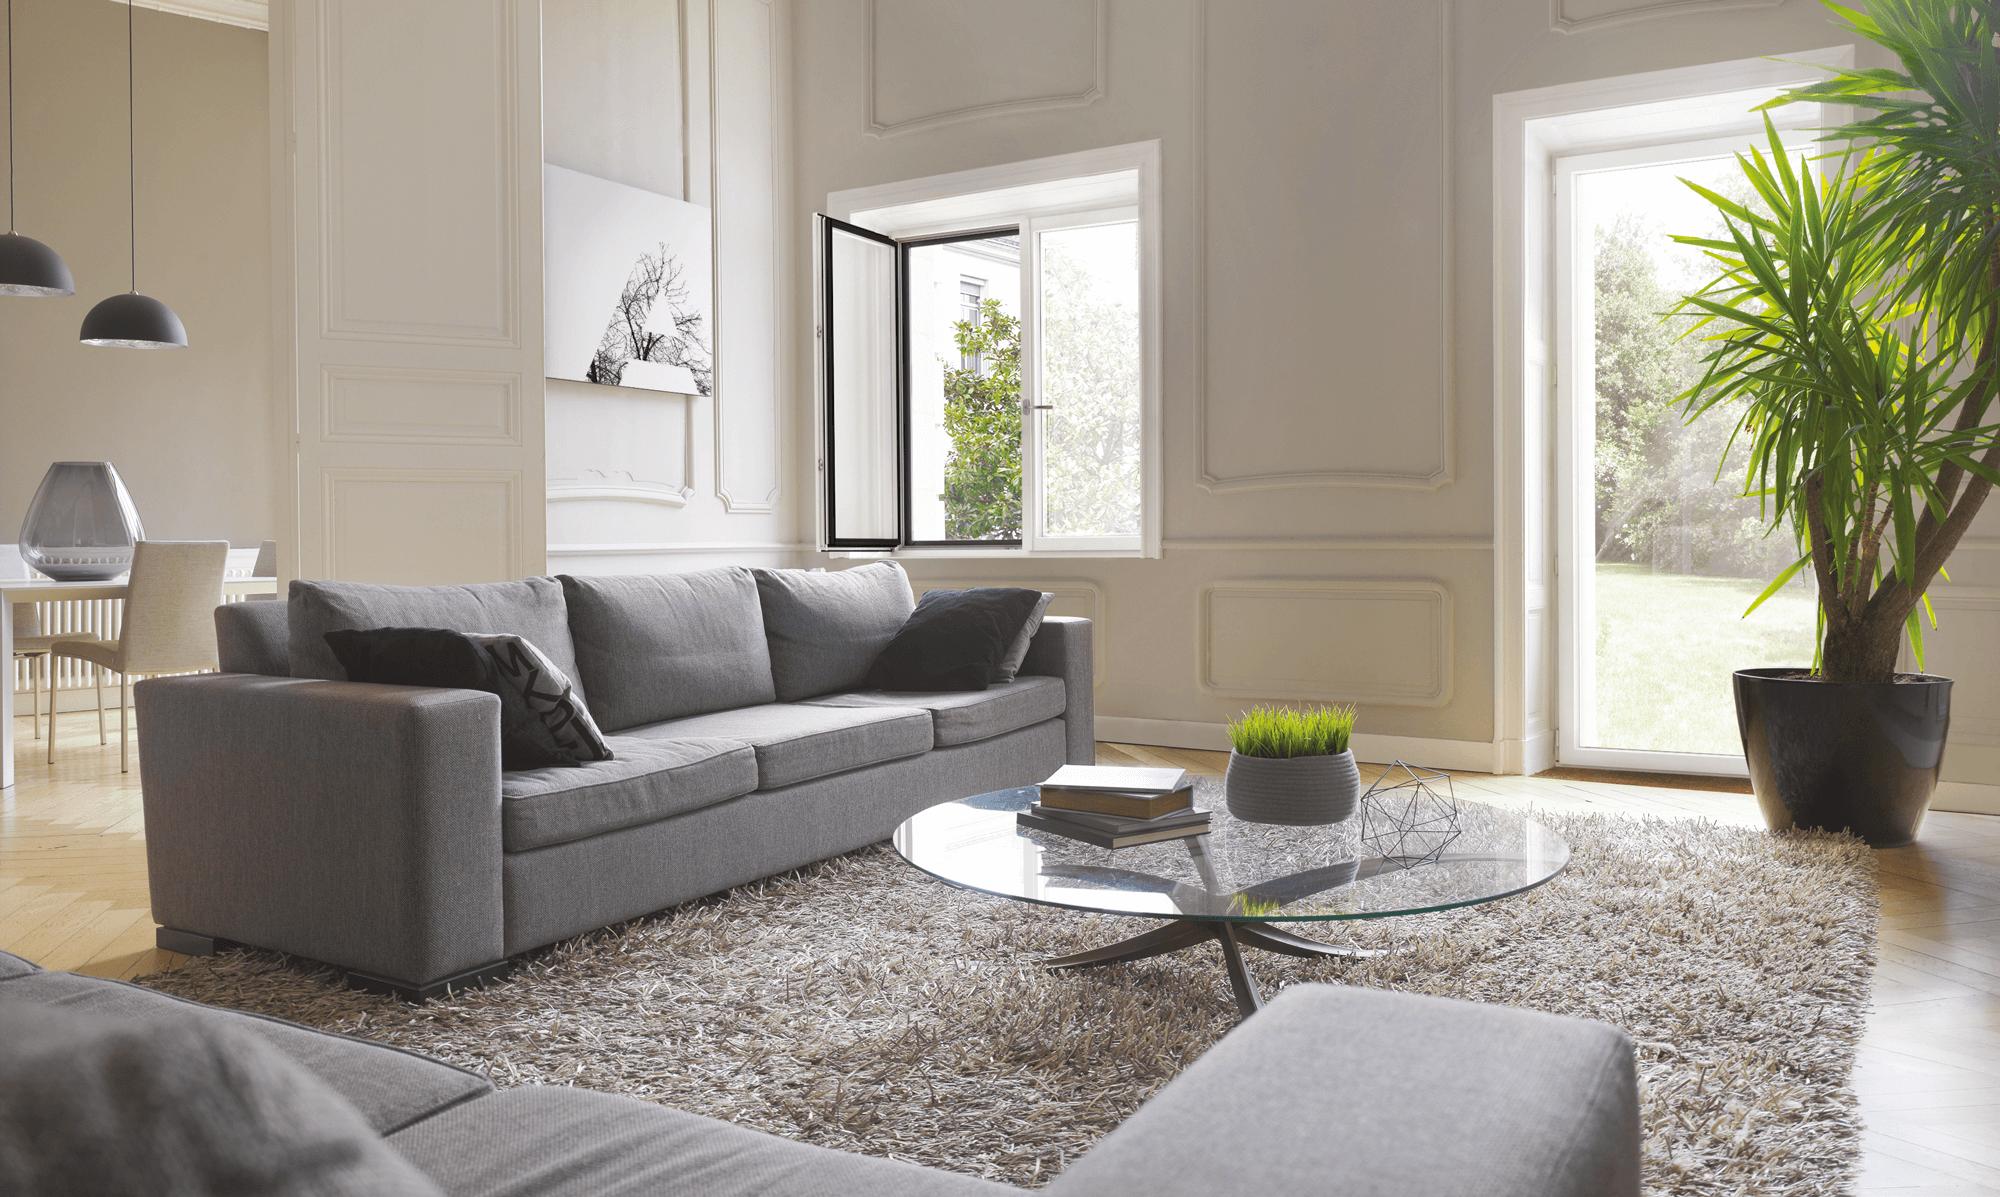 Idee Deco Chambre Ado Loft : Indogatecom  Cuisine Ikea Delai